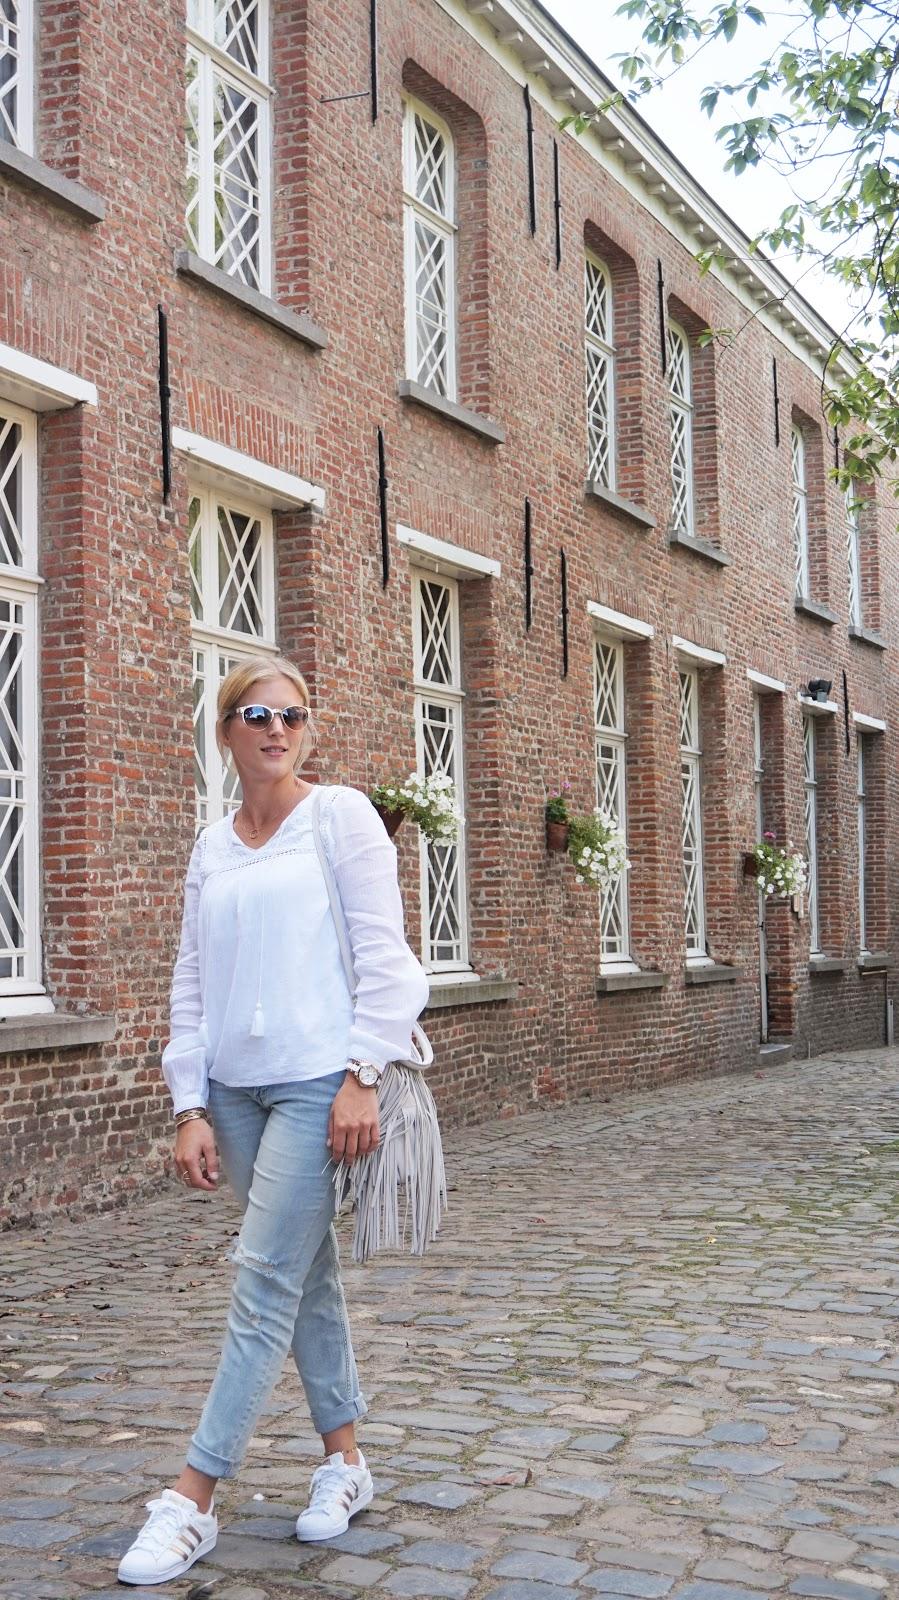 DSC07958 | Eline Van Dingenen